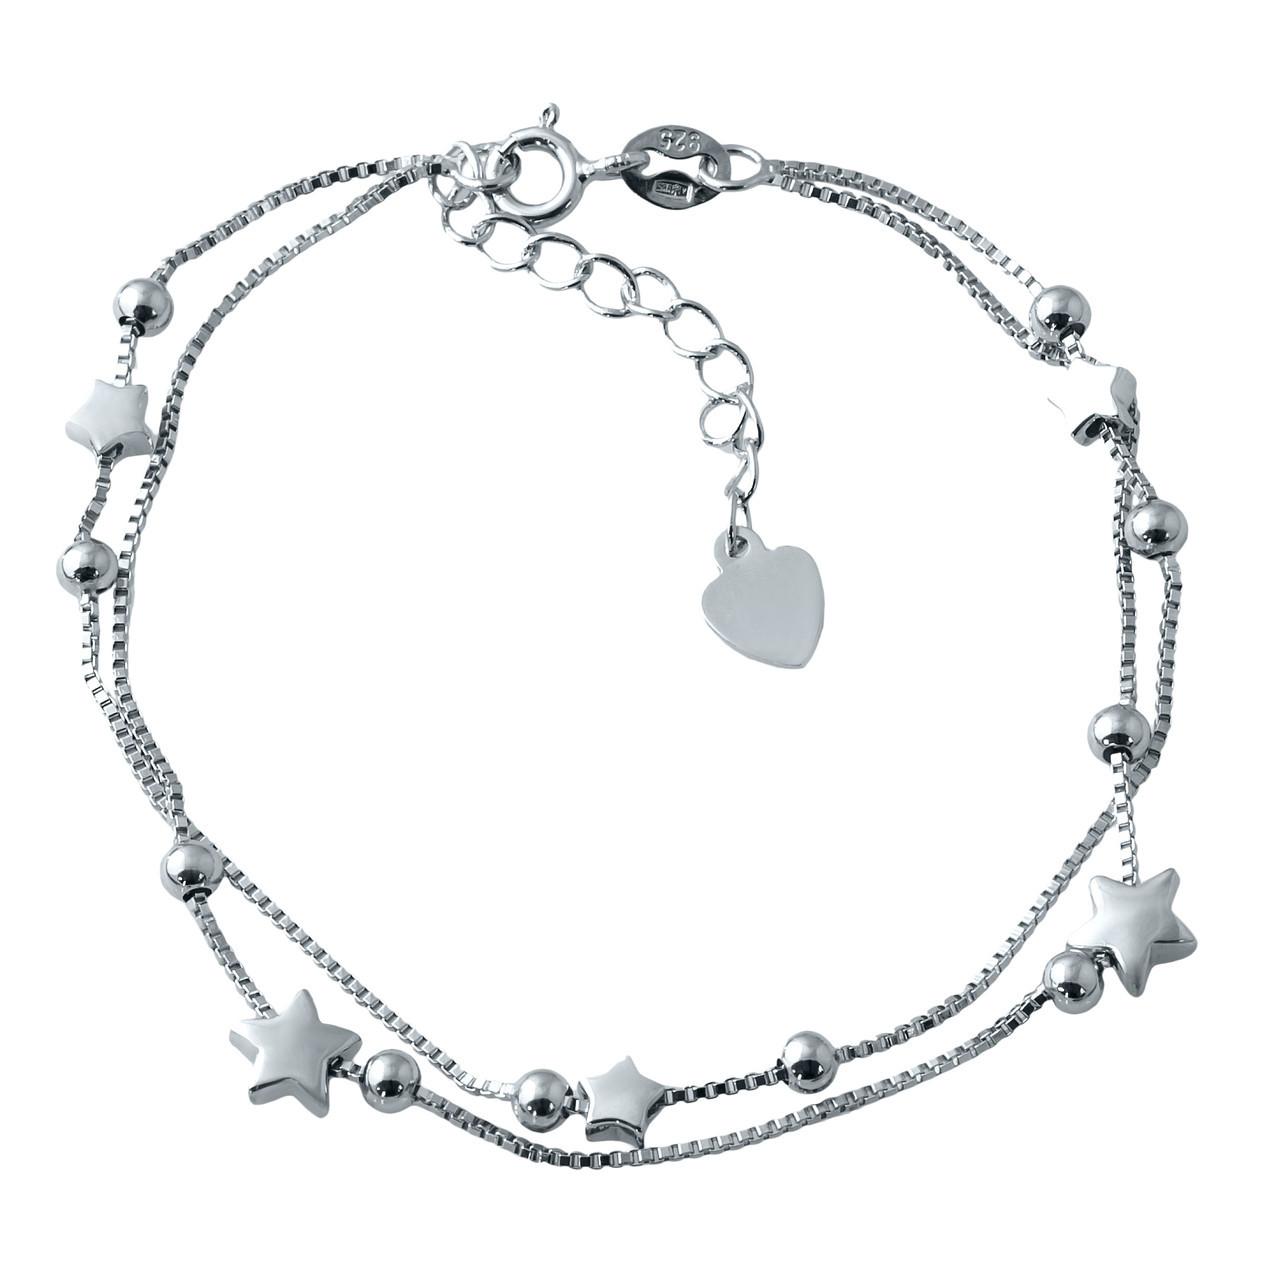 Родированный серебряный браслет 925 пробы без камней